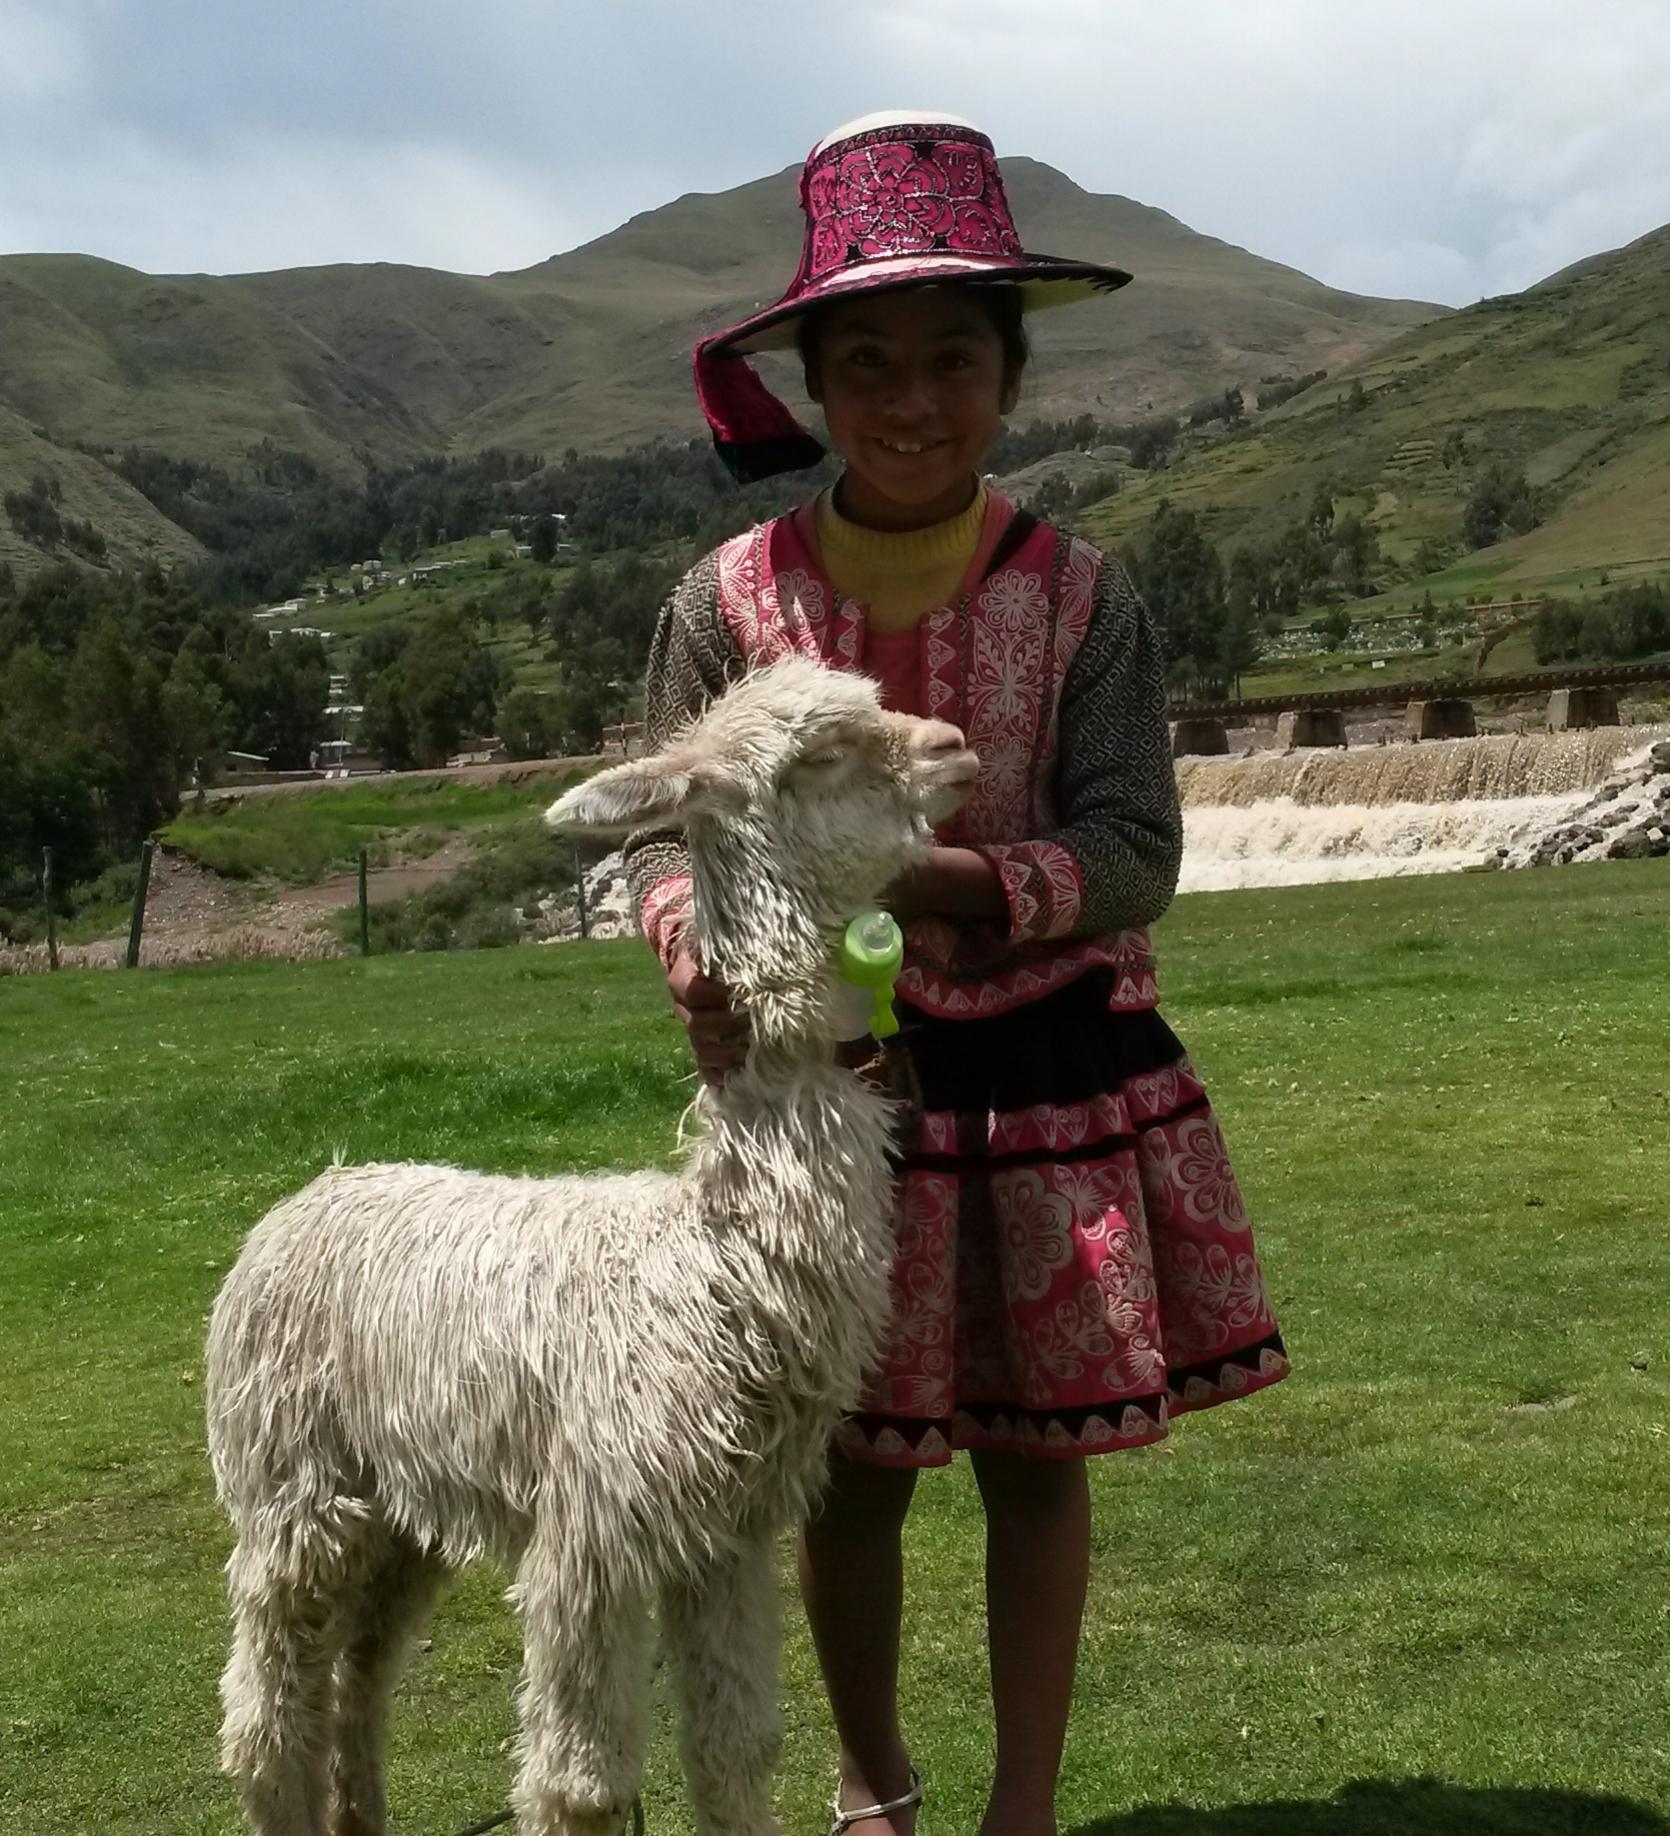 Mädchen mit ihrer spezifischen Tracht und jungem Suri Alpaka.